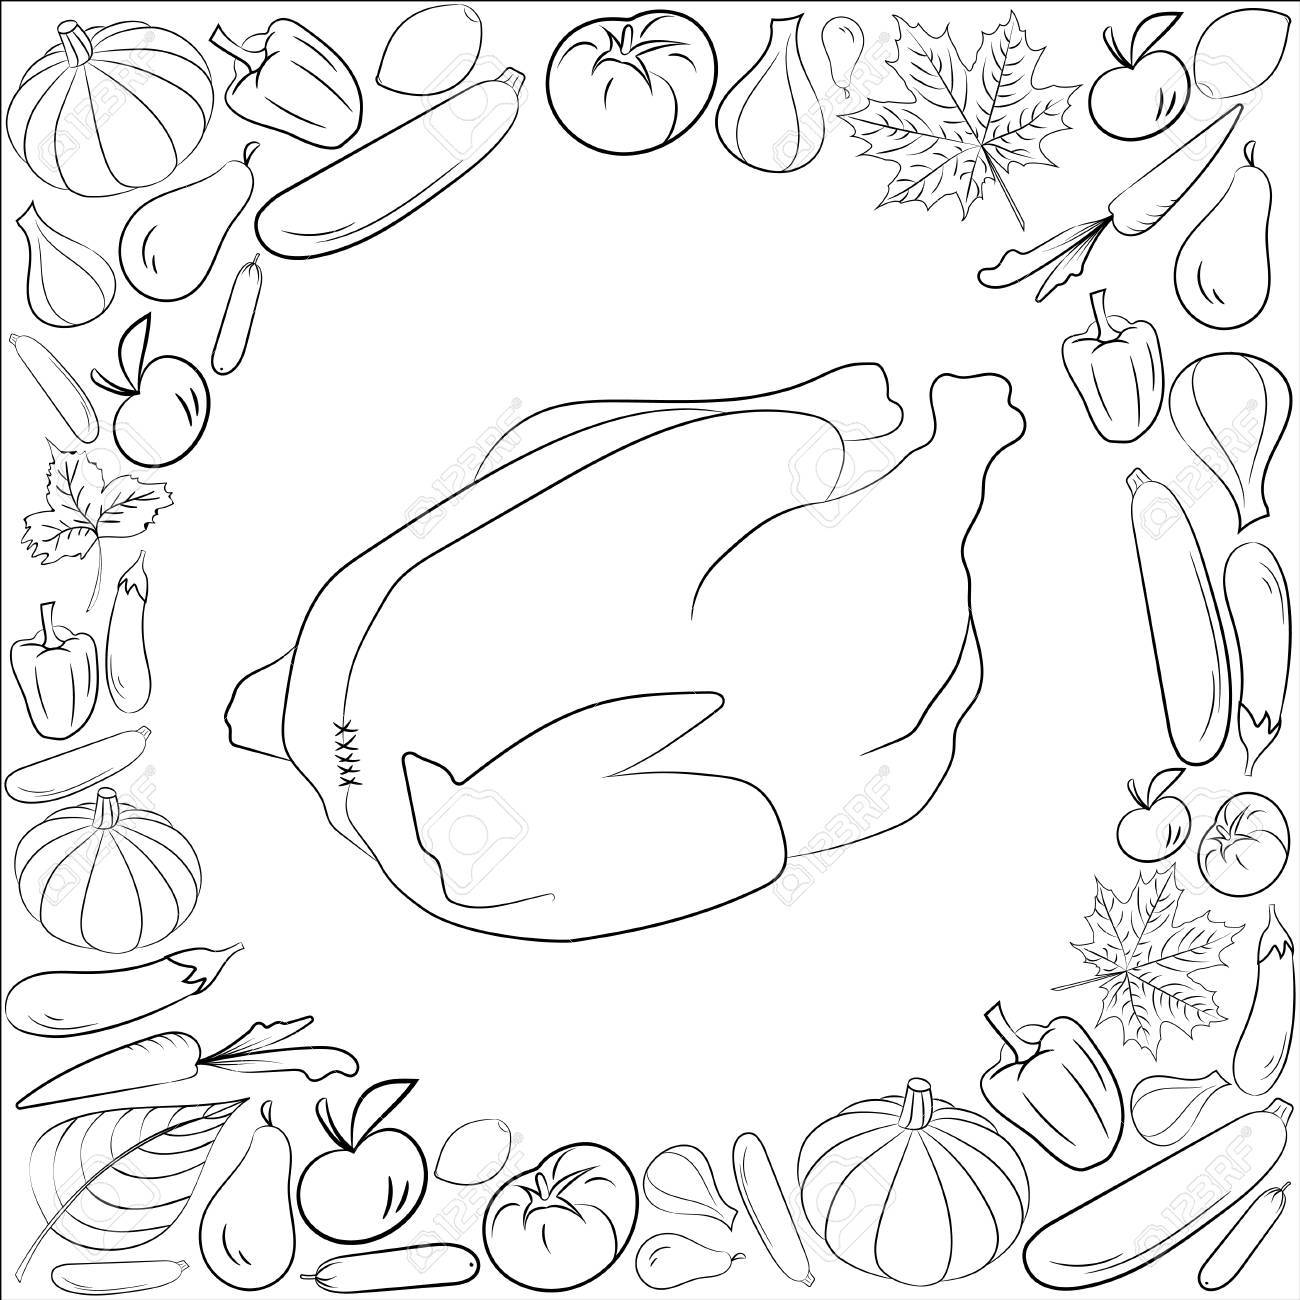 Otoño Tarjeta Gráfica Con Pavo Frutas Y Verduras En Colores Blanco Y Negro Vector De Acción De Gracias Día Diseño Diseño De Páginas De Libro